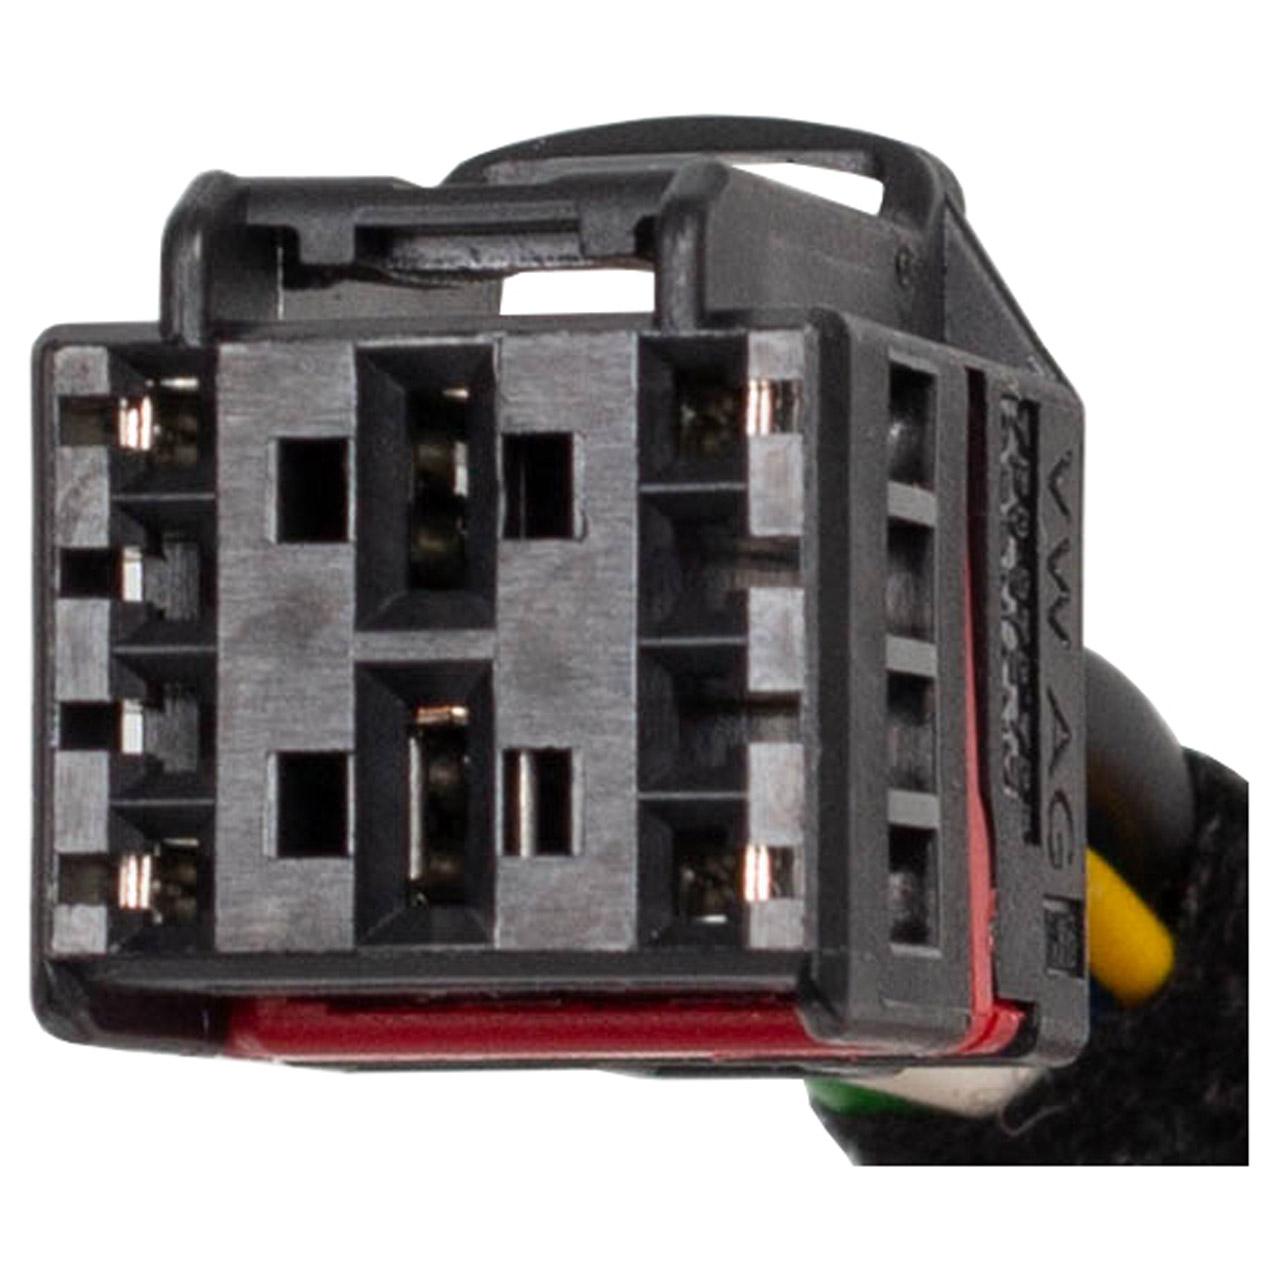 ORIGINAL VW Heckklappendämpfer Druckdämpfer Passat B8 3G5 hinten 3G9827851C